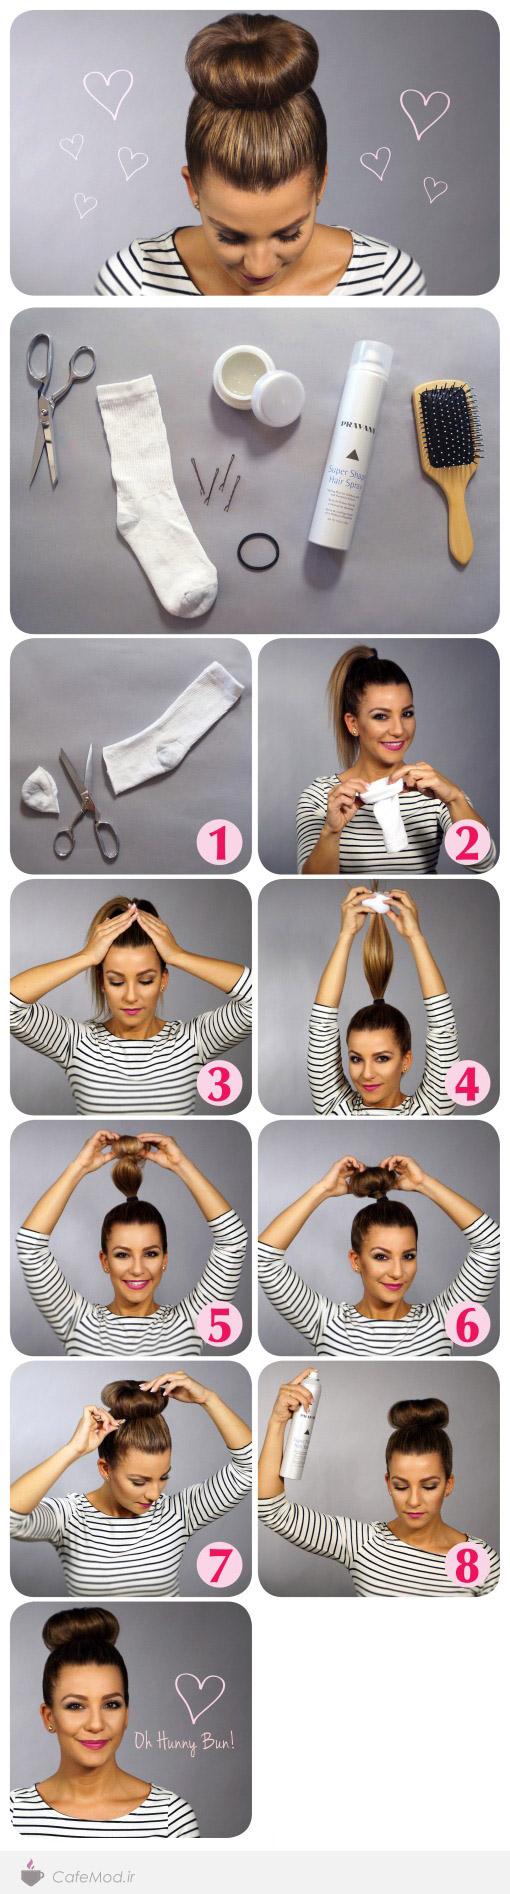 آموزش بستن موی گوجه ای